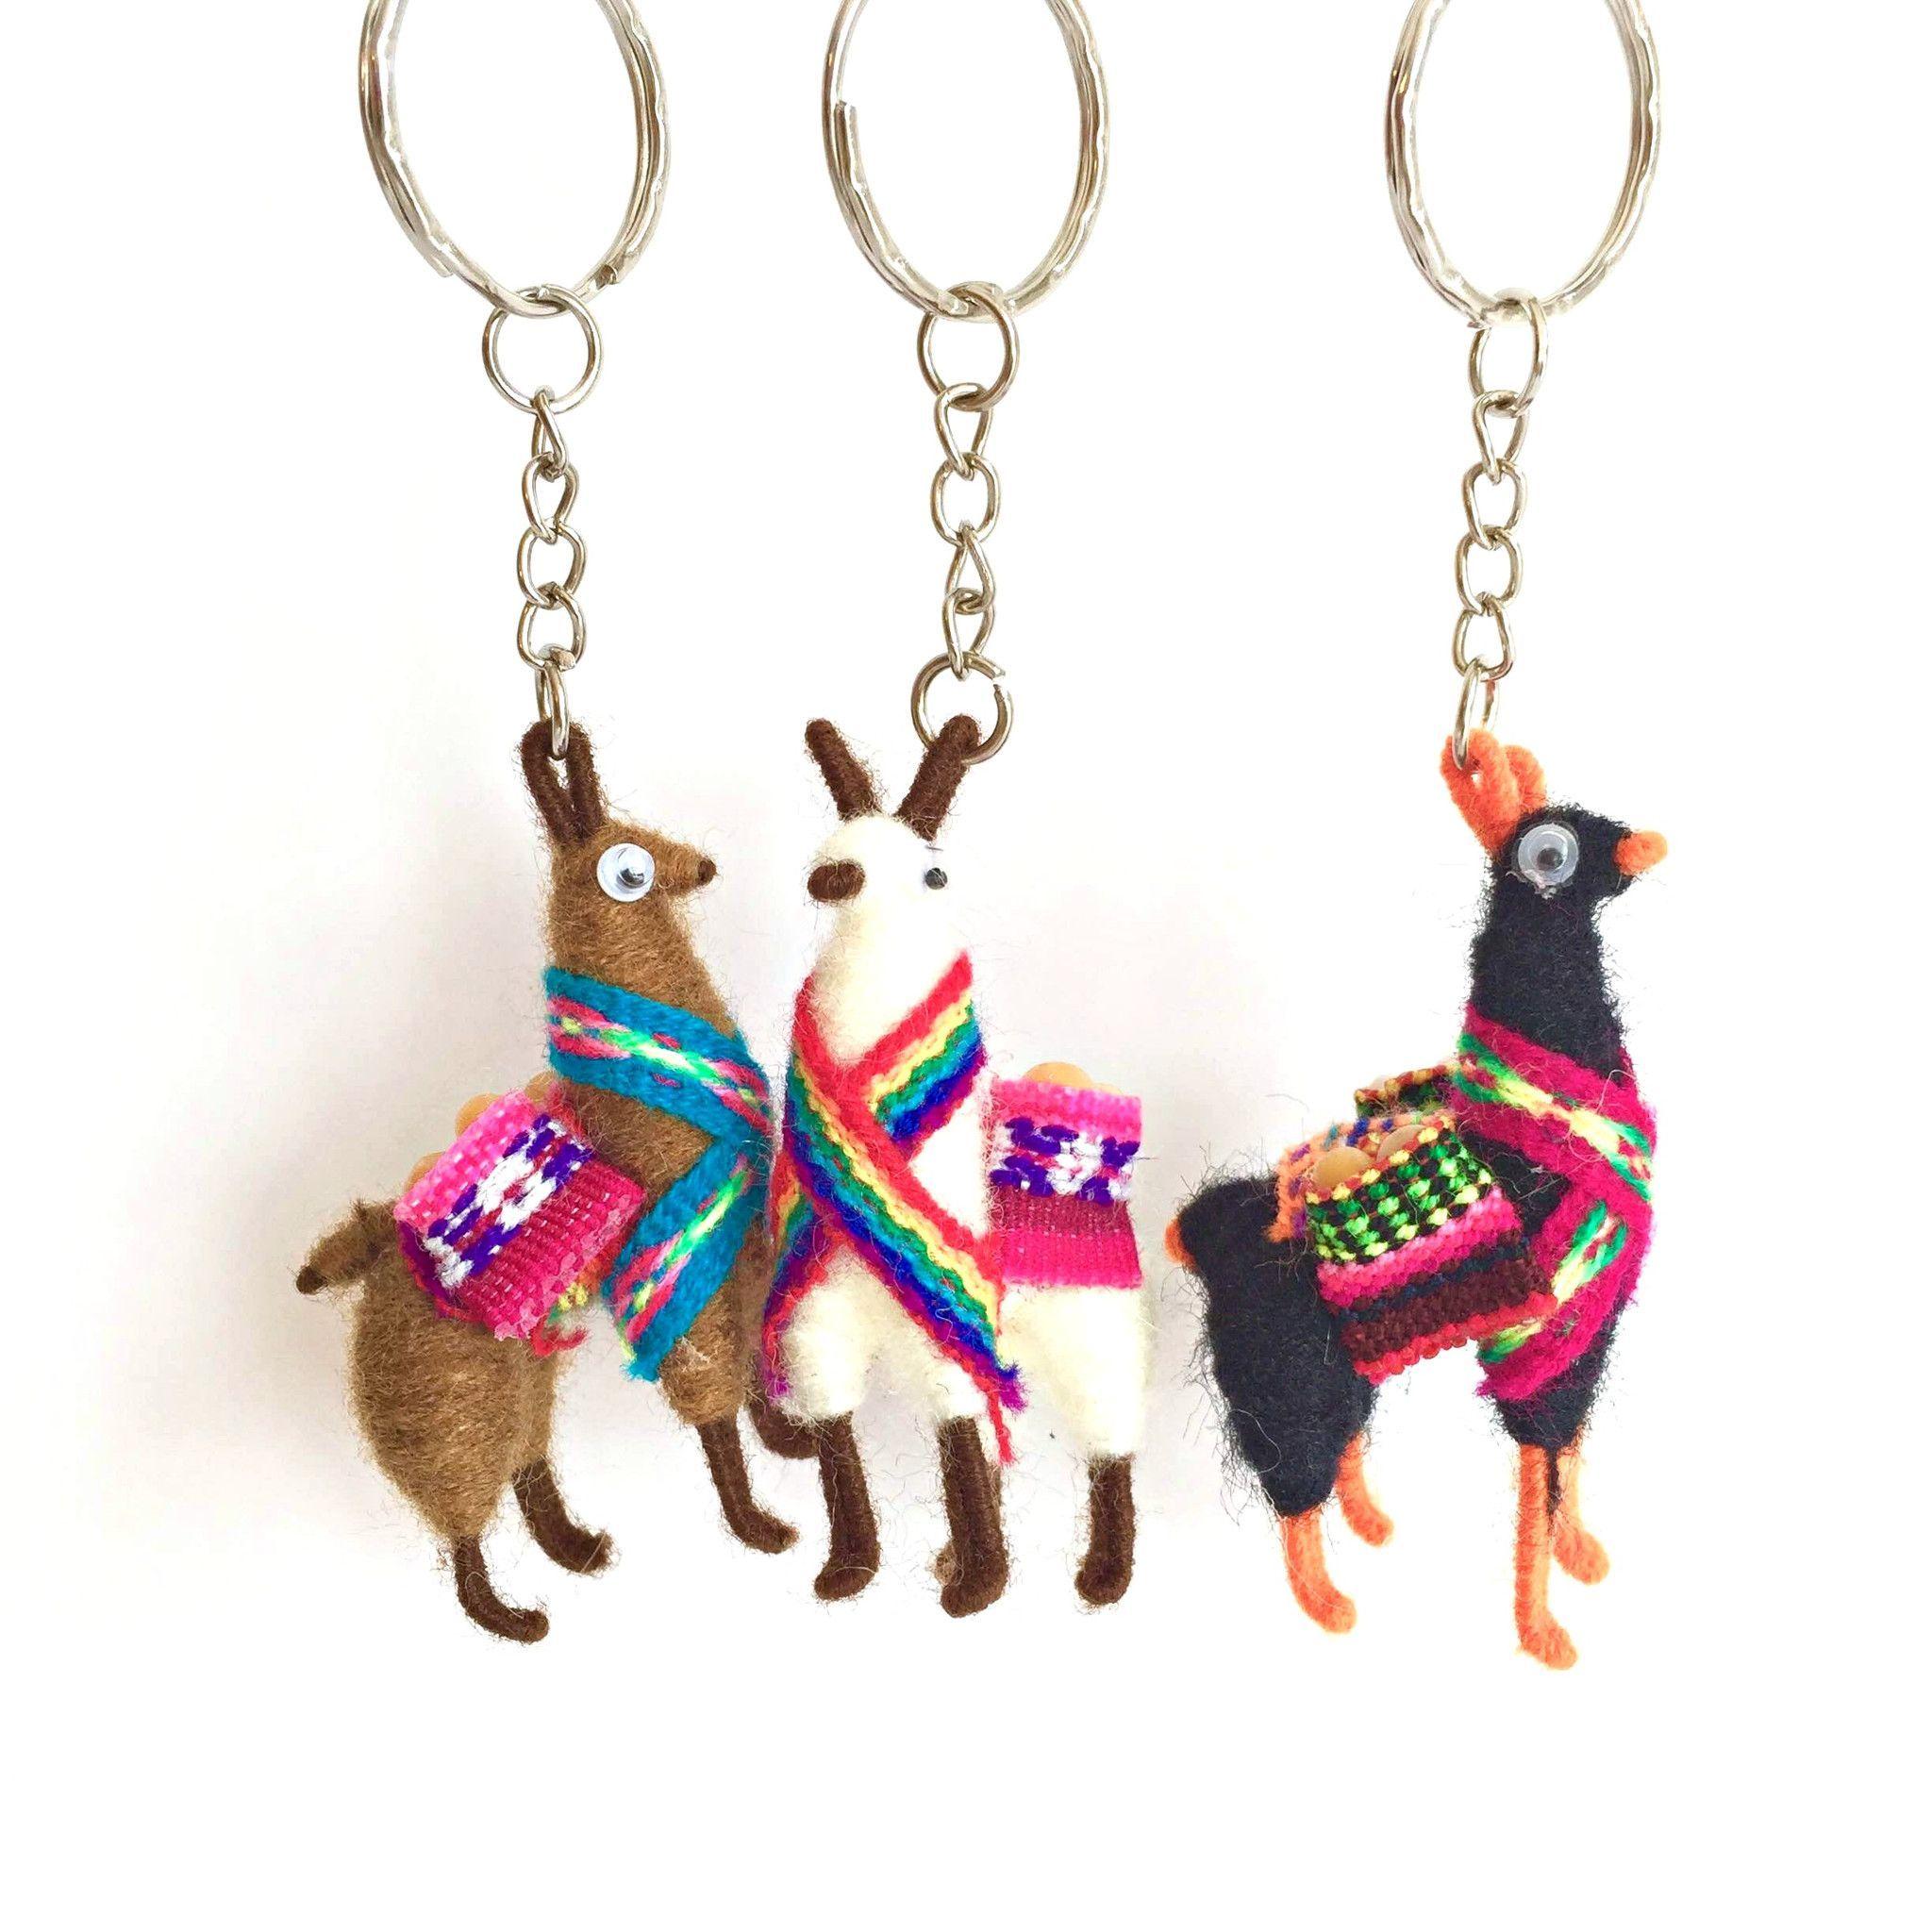 Llama Key Ring Keyring Alpaca Gift Accessory Keychain HD5l4so